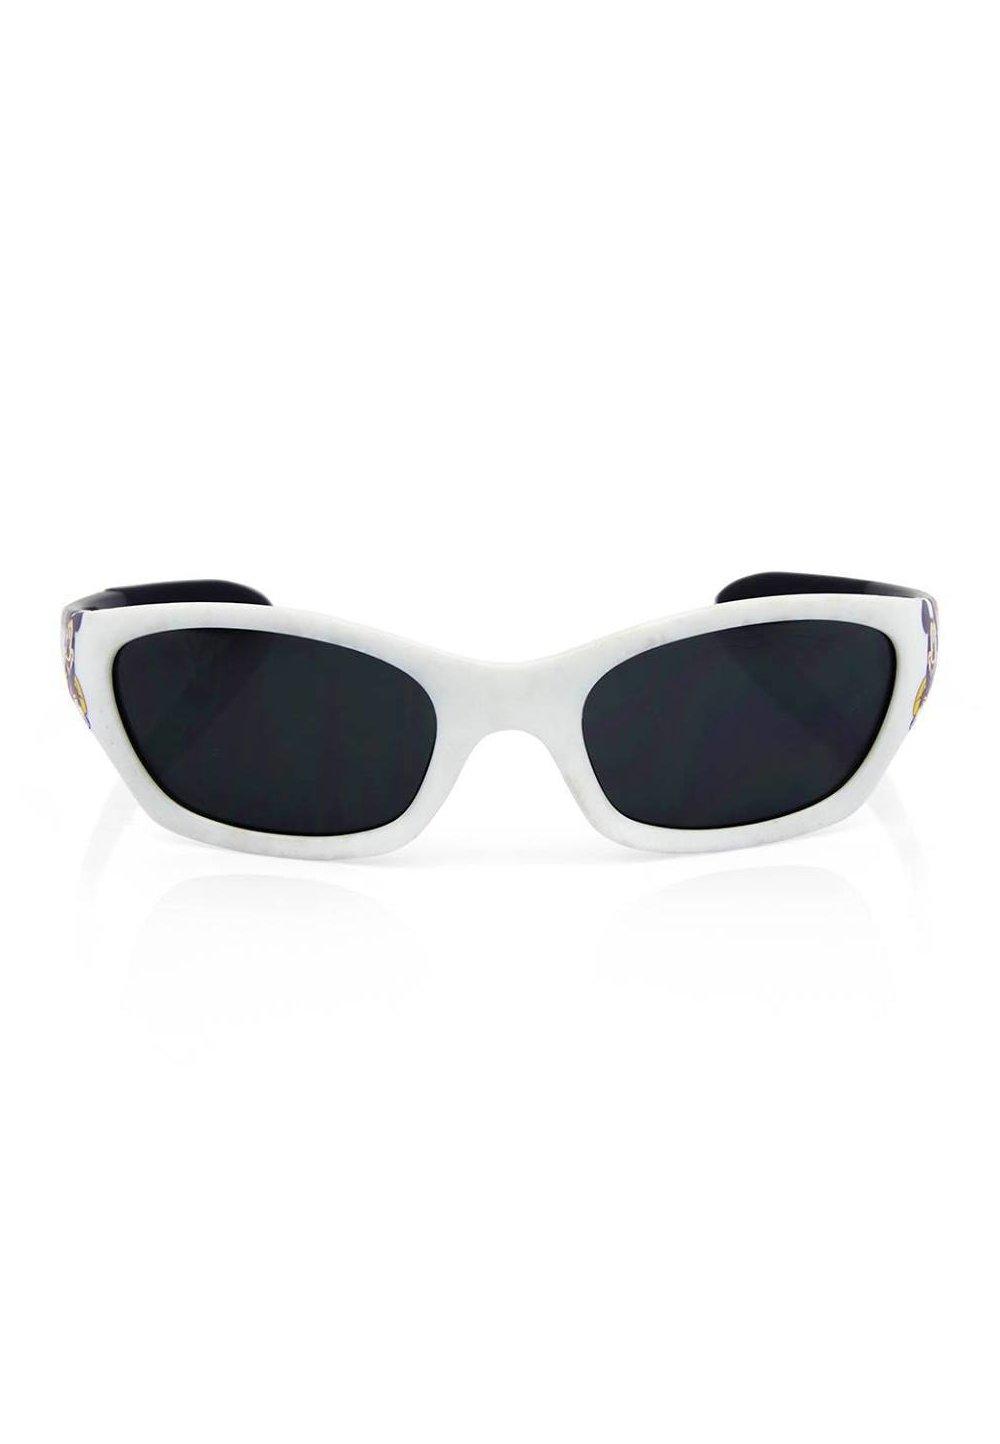 Ochelari de soare, Mickey Mouse, albi imagine